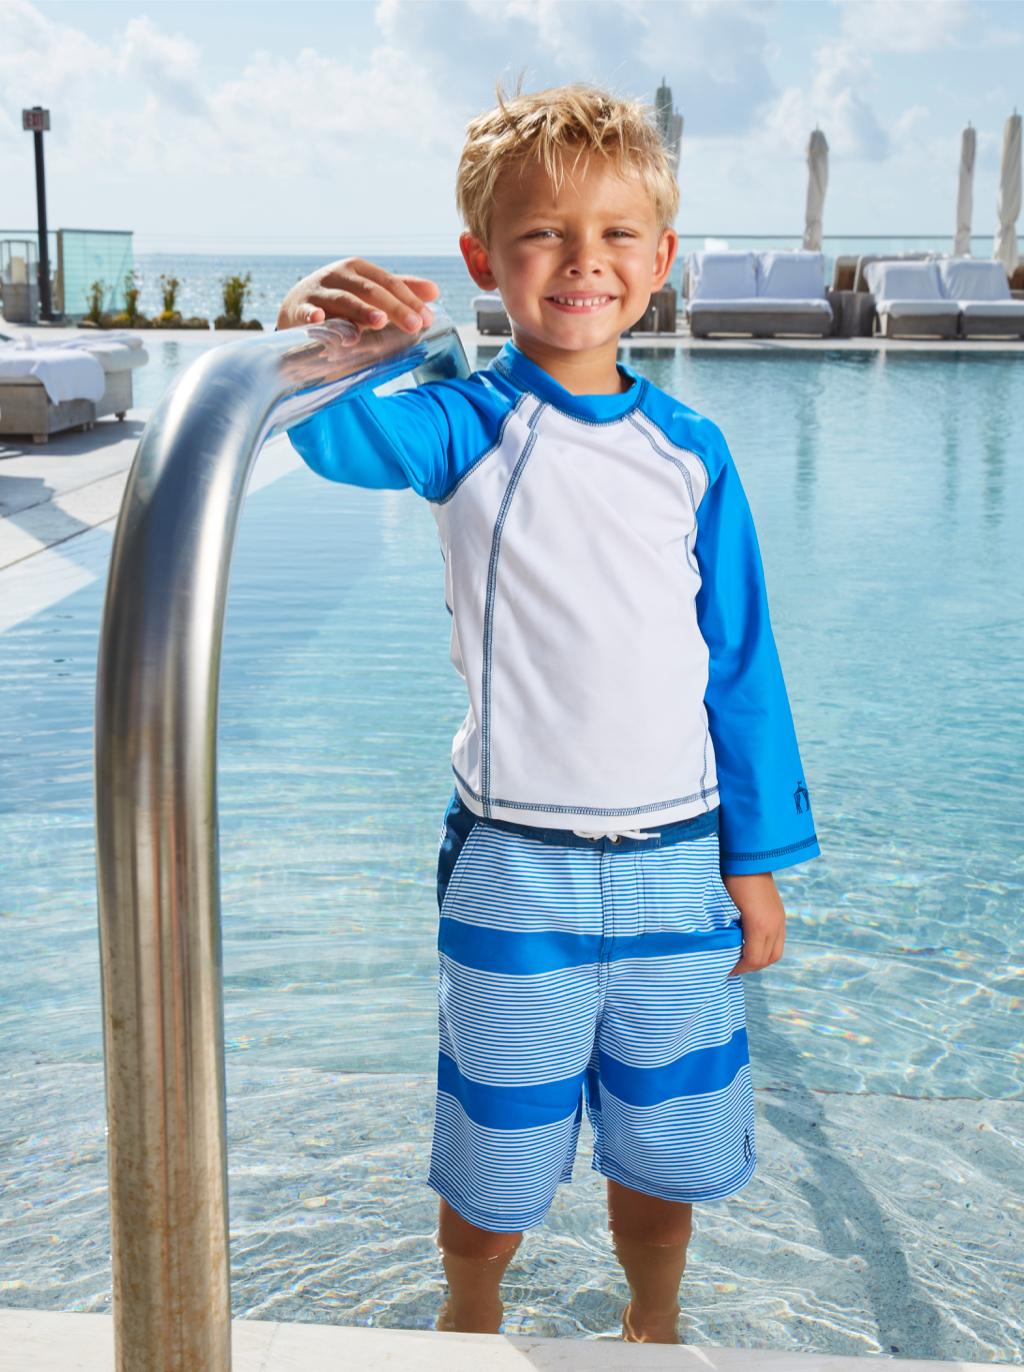 Little-Boys-Rashguard-Sets_Cabana-Life_Blue-Striped-Rashguard-Set-1.jpg